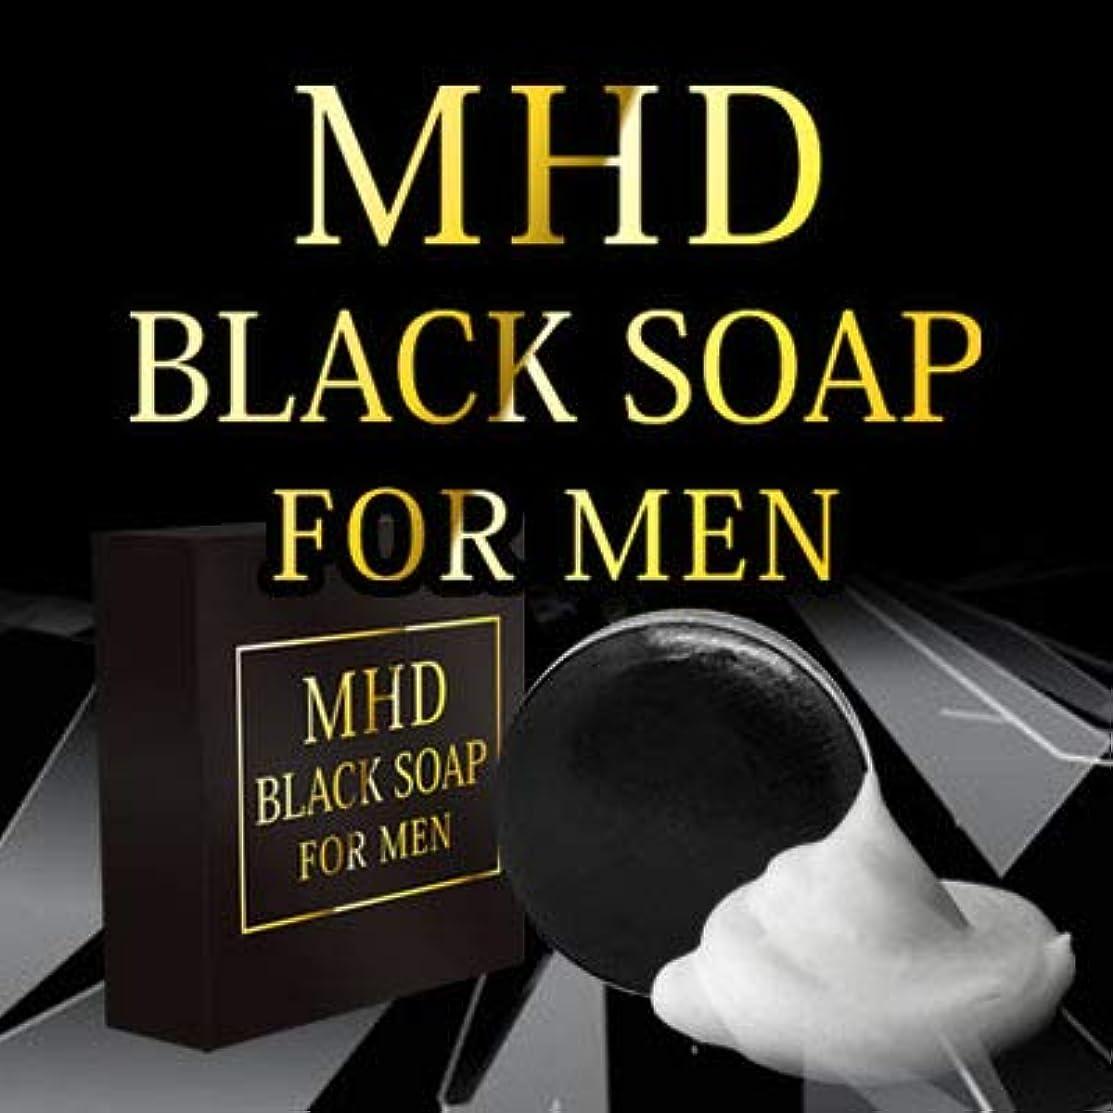 ウルルストレンジャーもろいMHD石鹸(BLACK SOAP FOR MEN) メンズ用全身ソープ